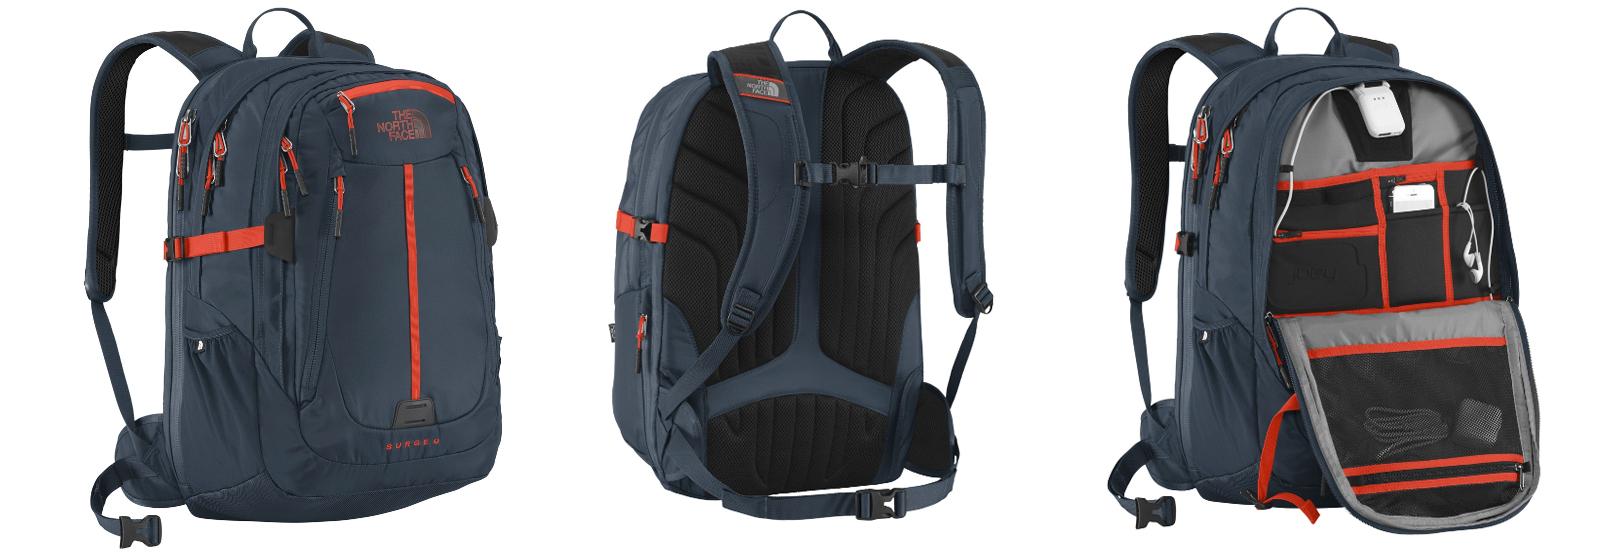 mochila pequena com carregador extra embutido